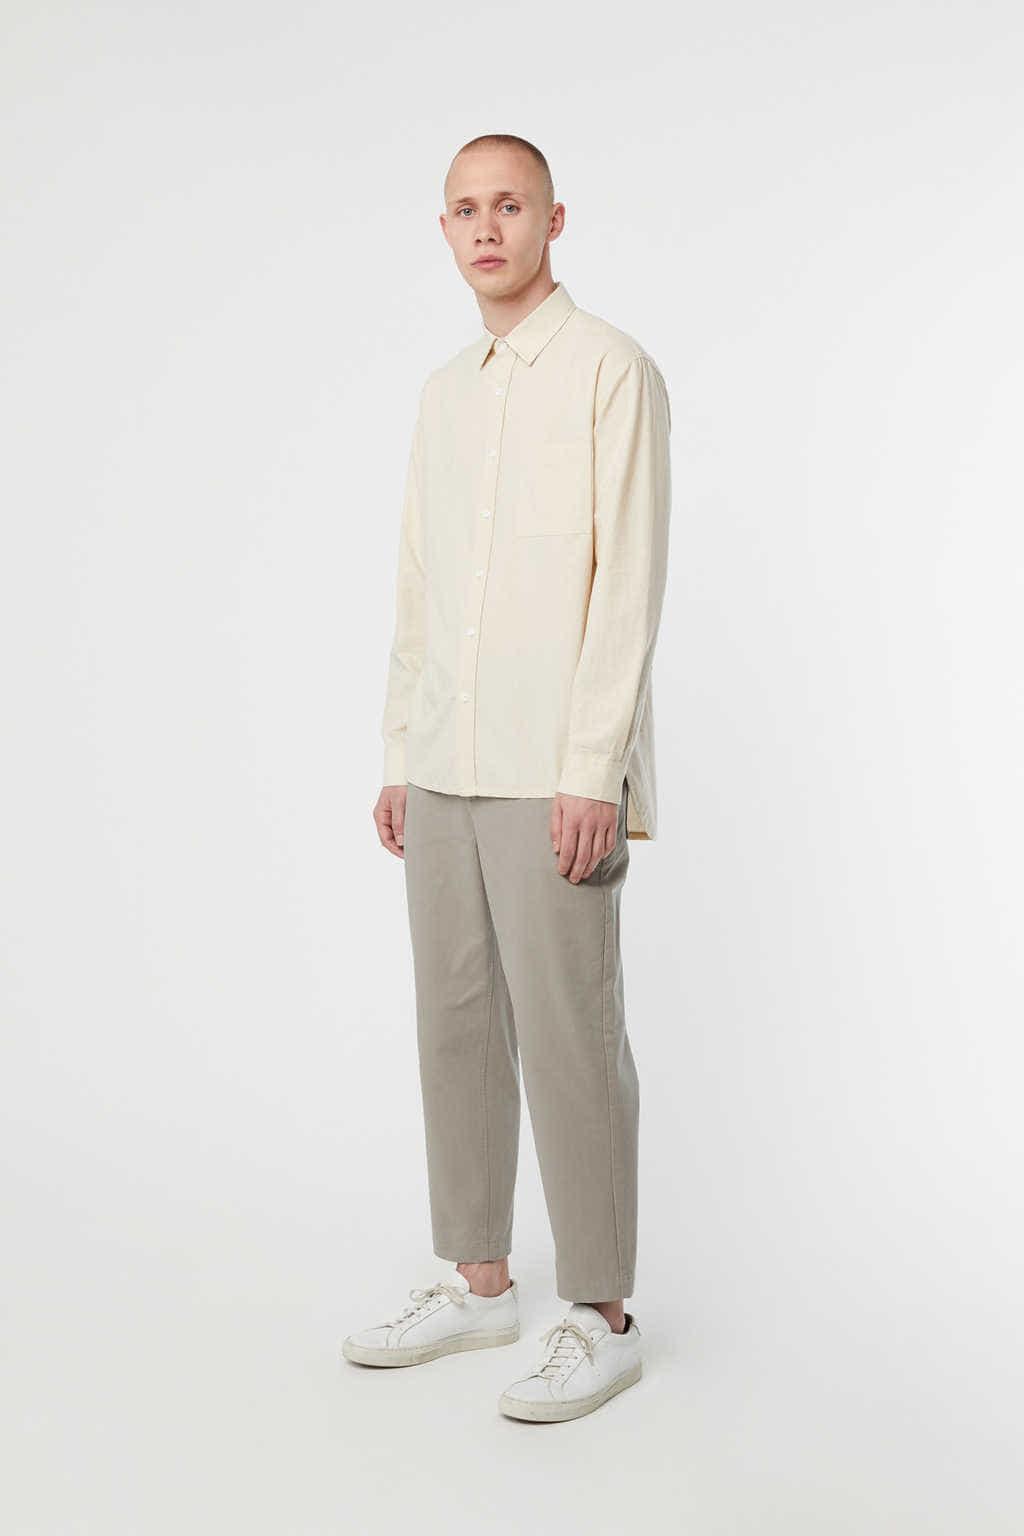 Shirt K001 Cream 3